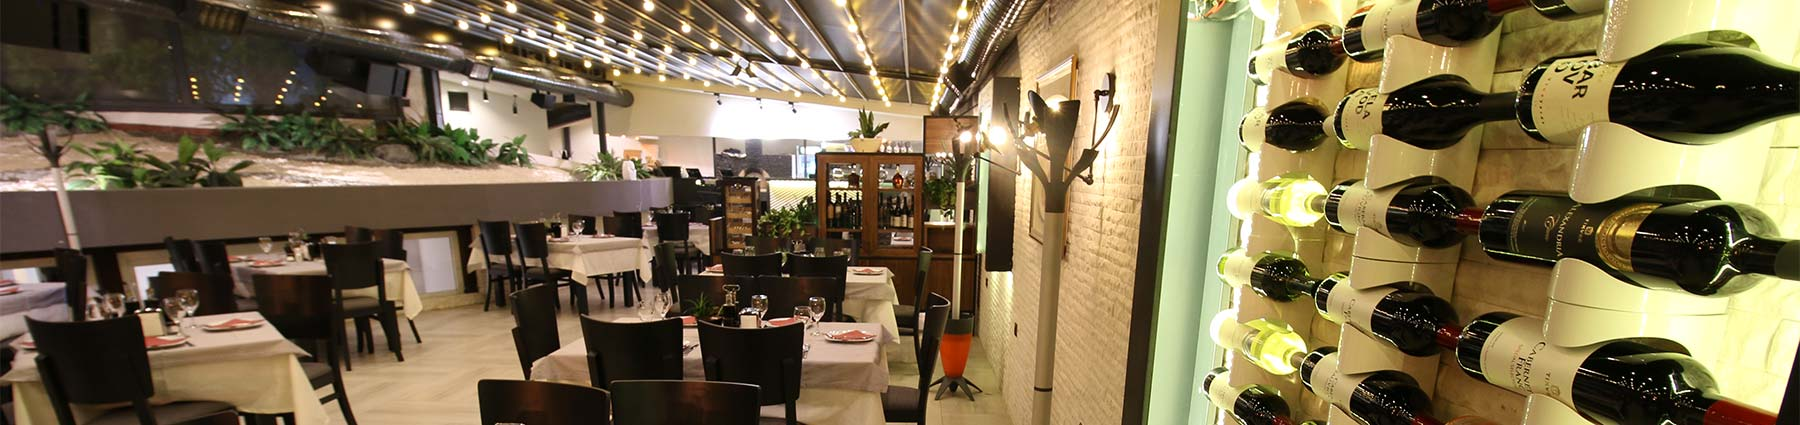 Ресторан Лантерн